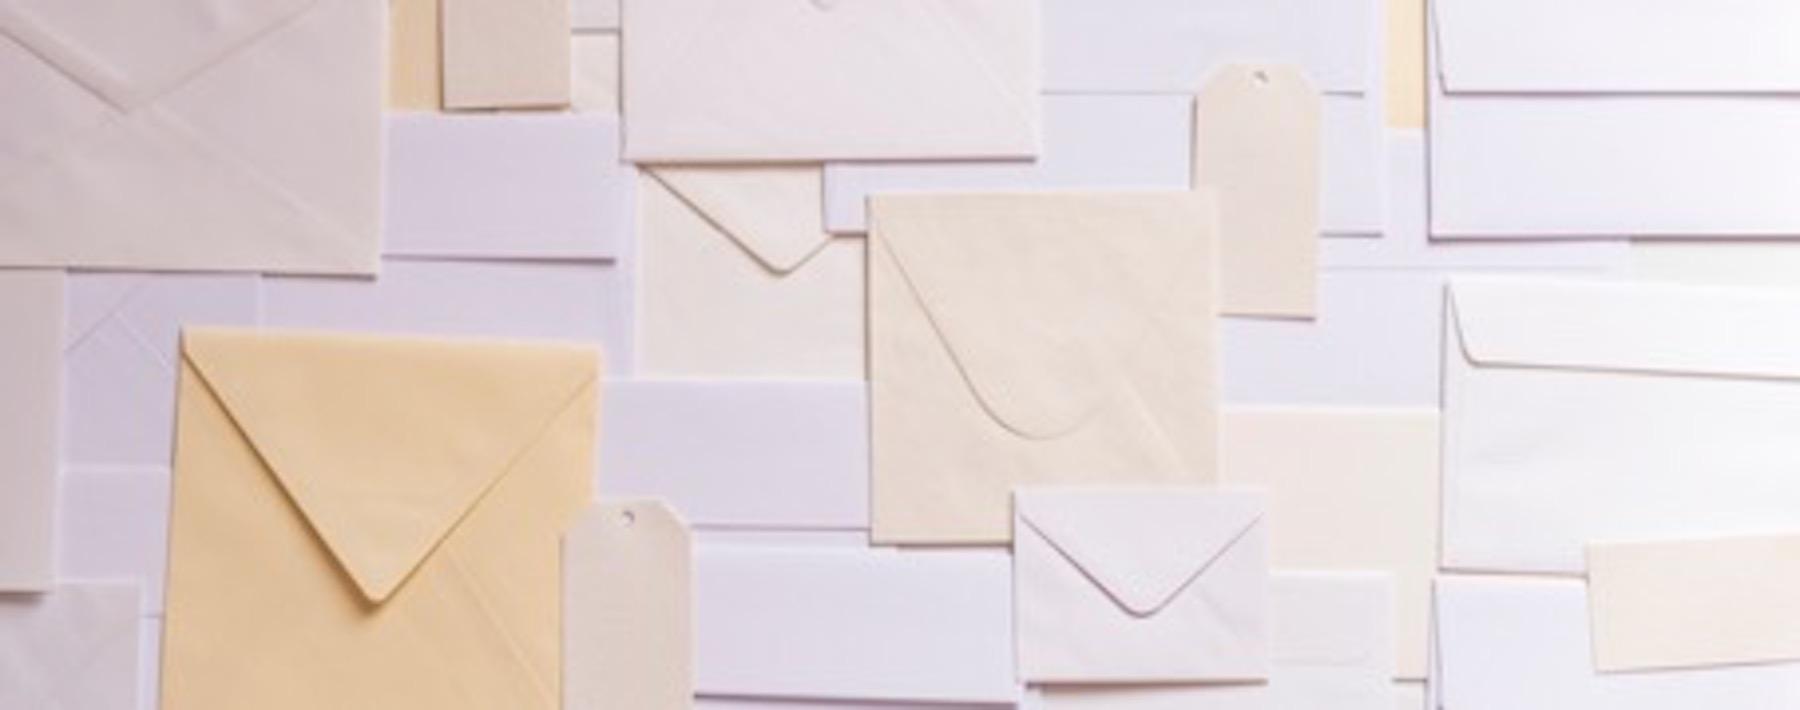 Briefumschläge repräsentieren Newsletter